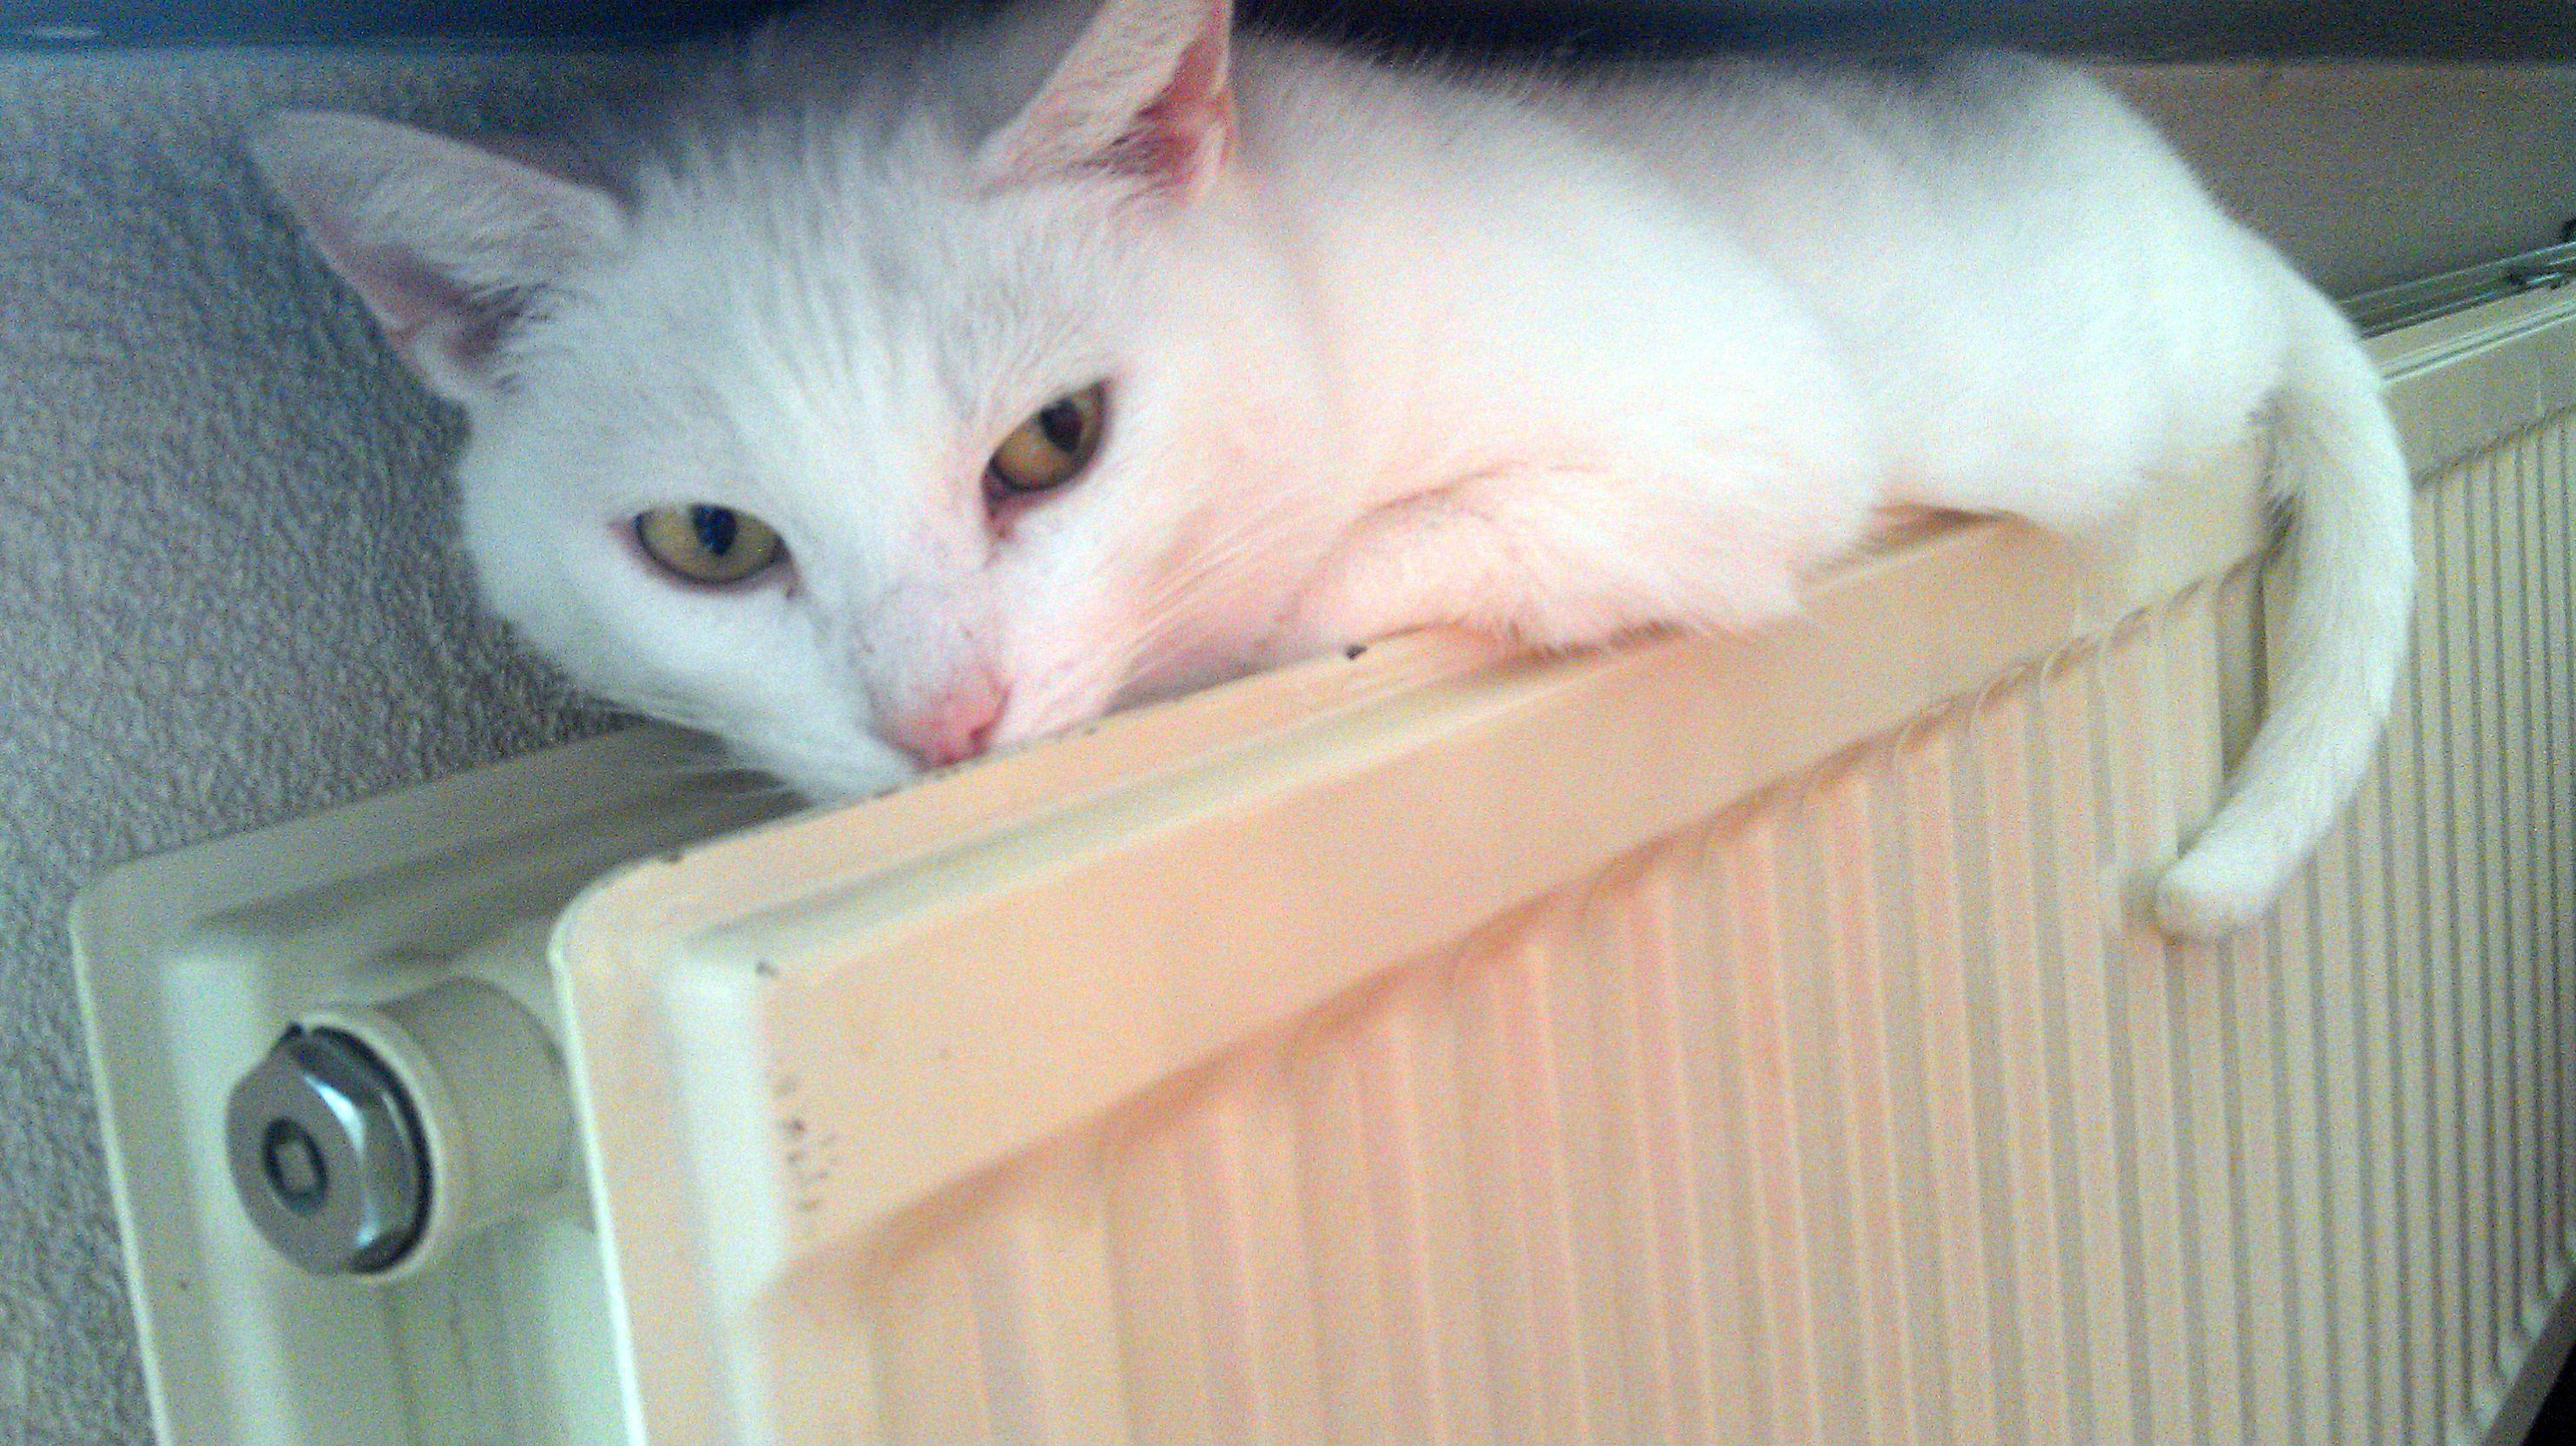 Poes op verwarming